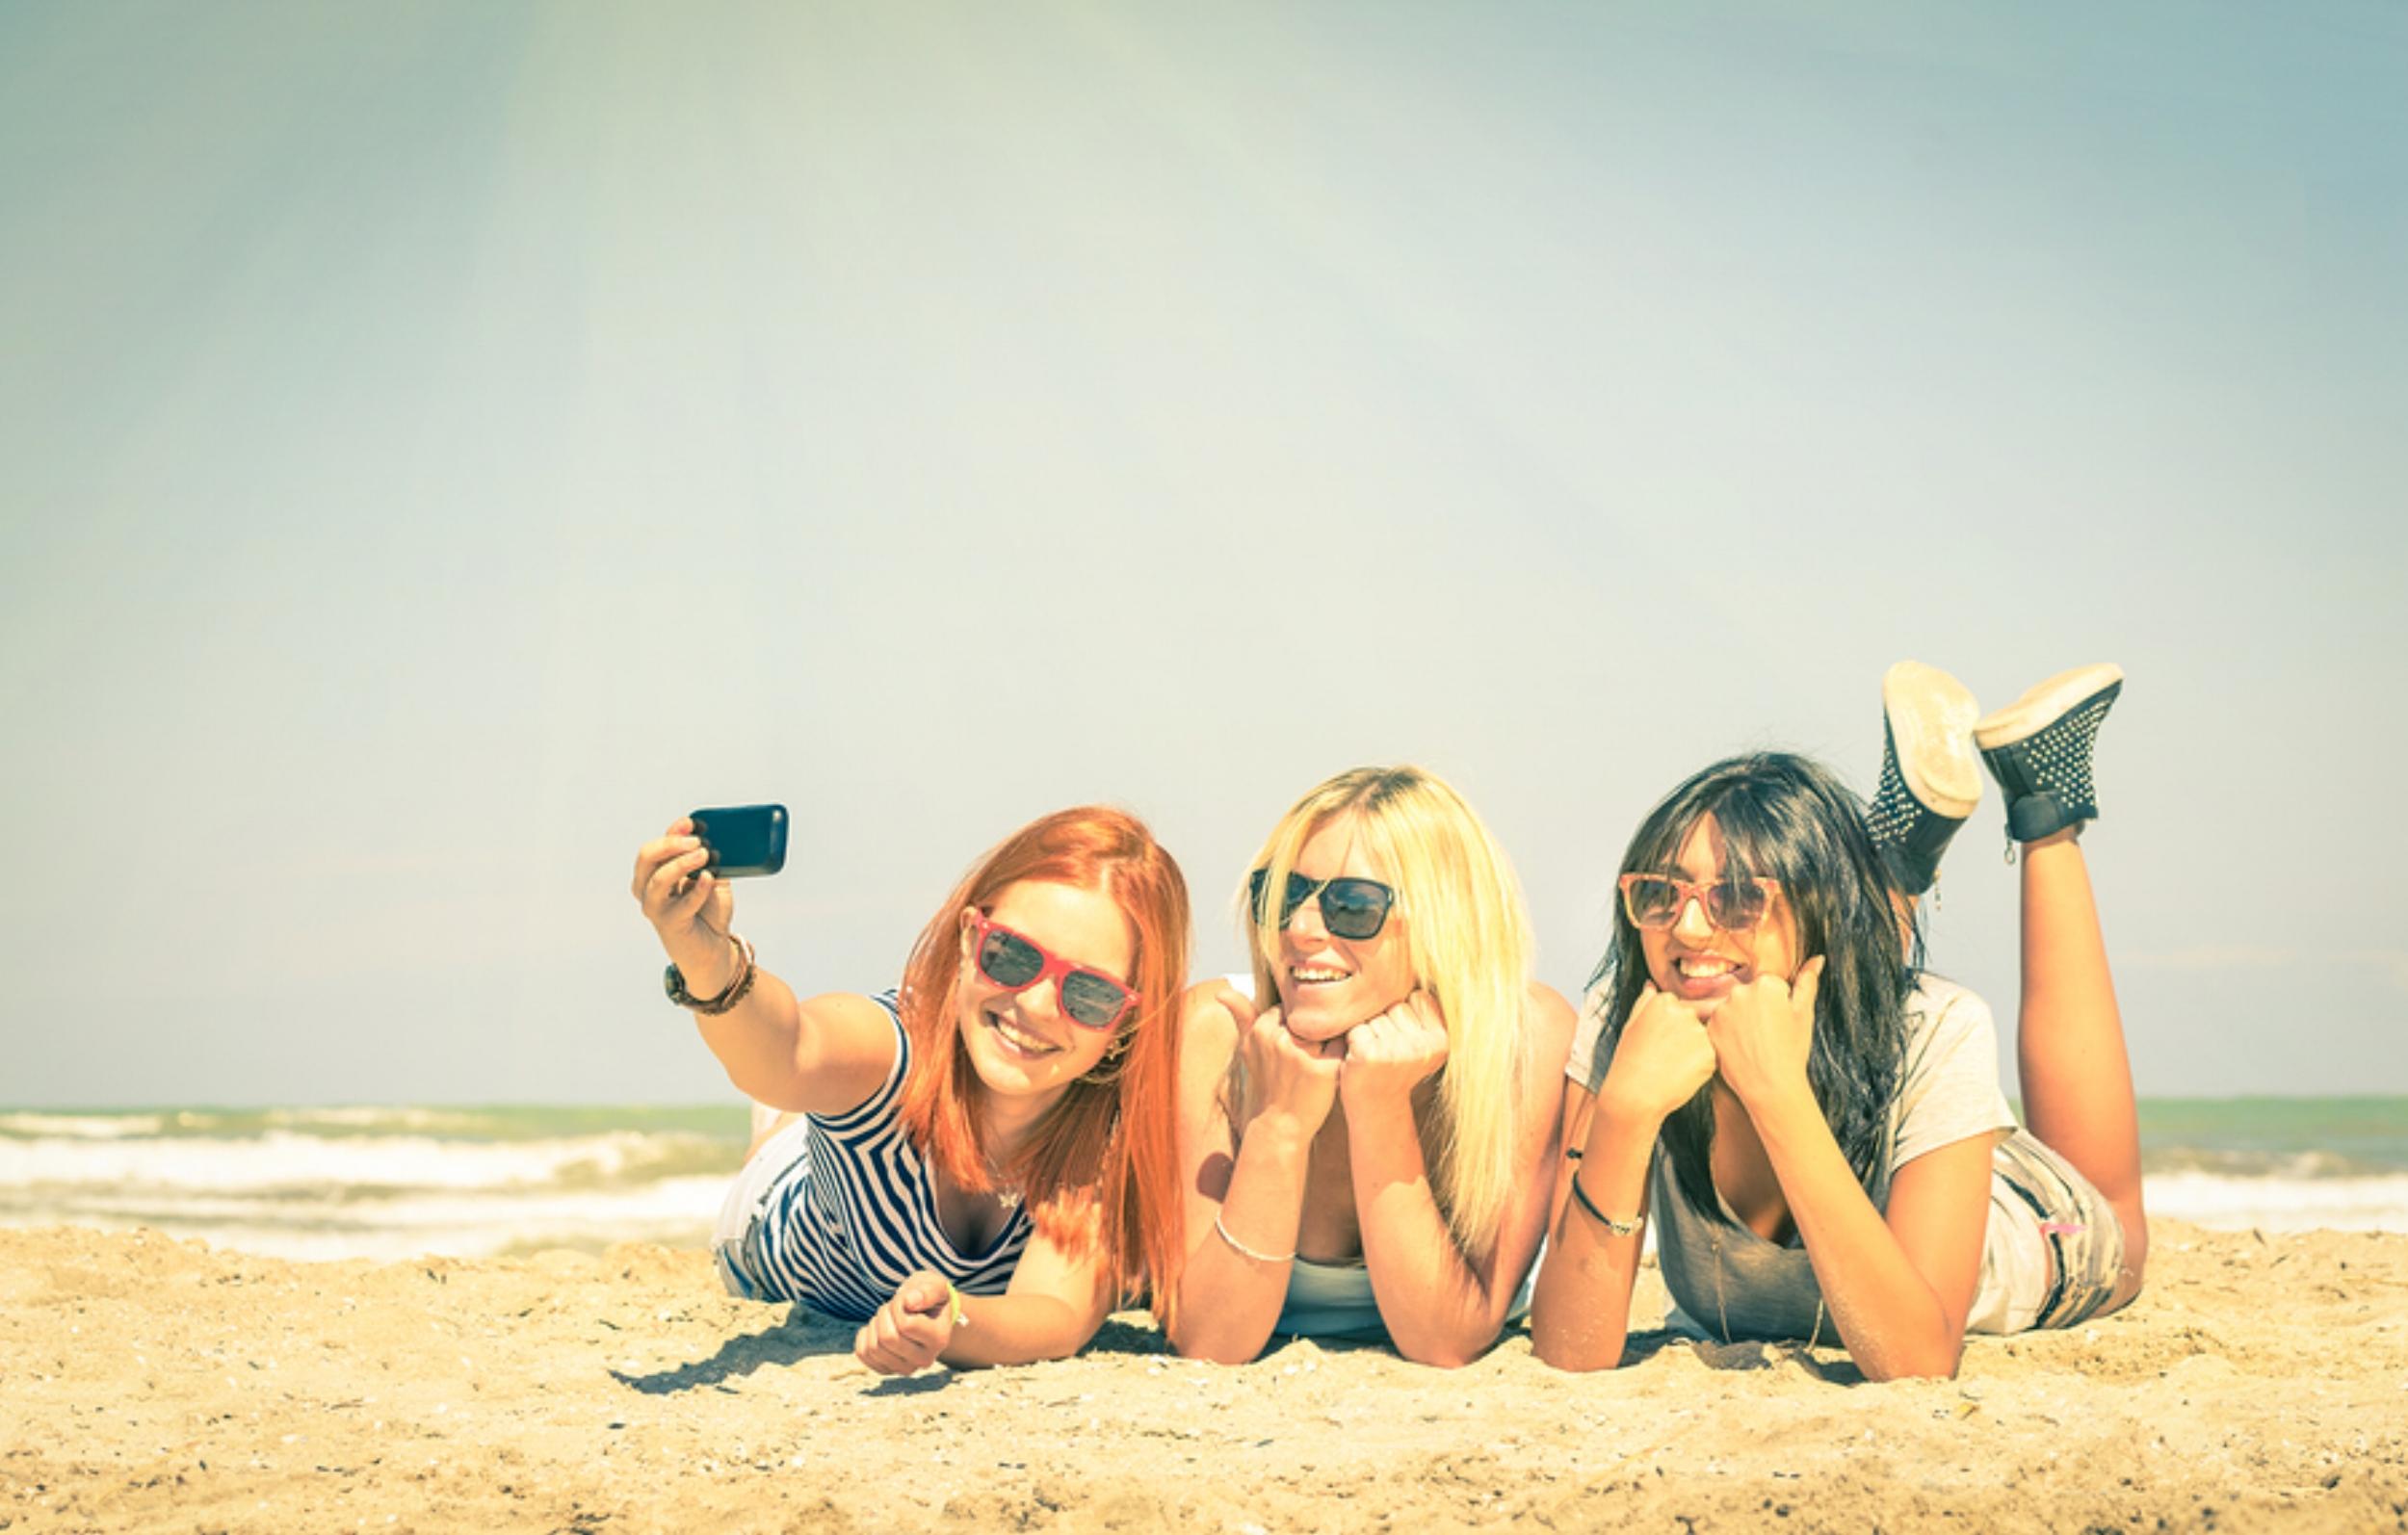 bigstock-Happy-Girlfriends-Taking-A-Sel-94376621.jpg